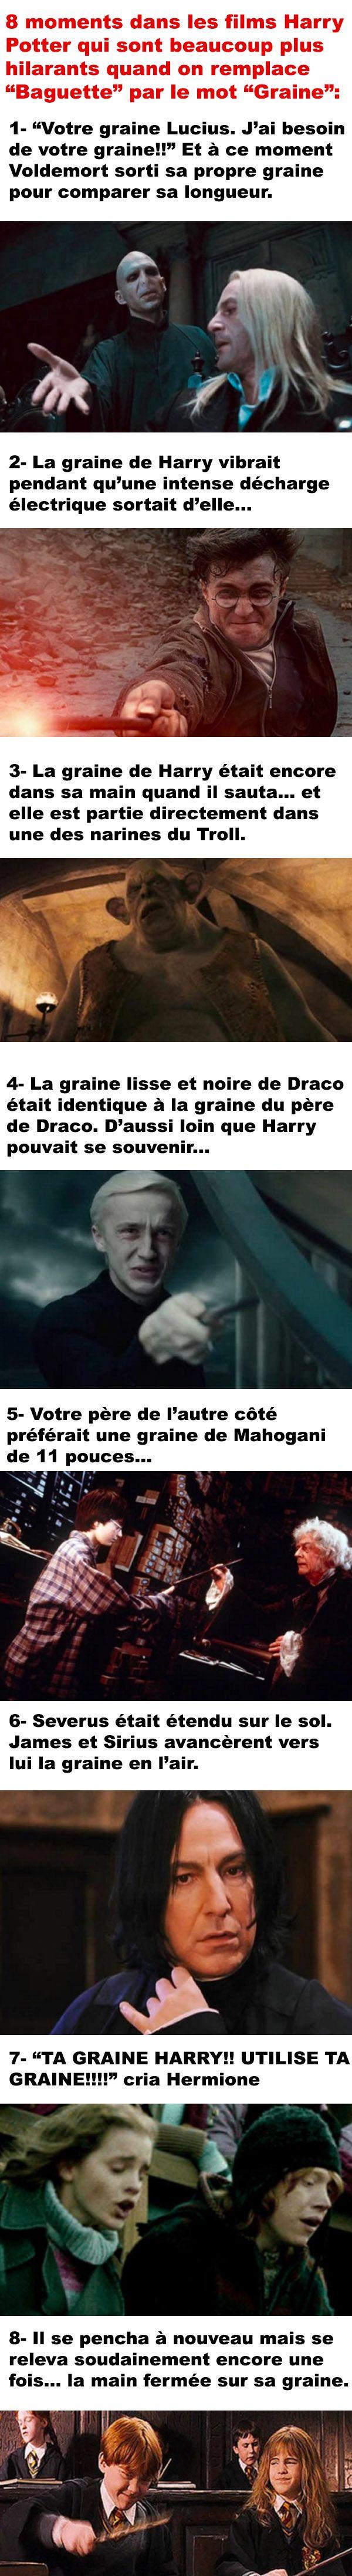 8 Moments Dans Harry Potter Quand On Remplace Baguette Par Le Mot Graine Funny Times Harry Potter Potterhead